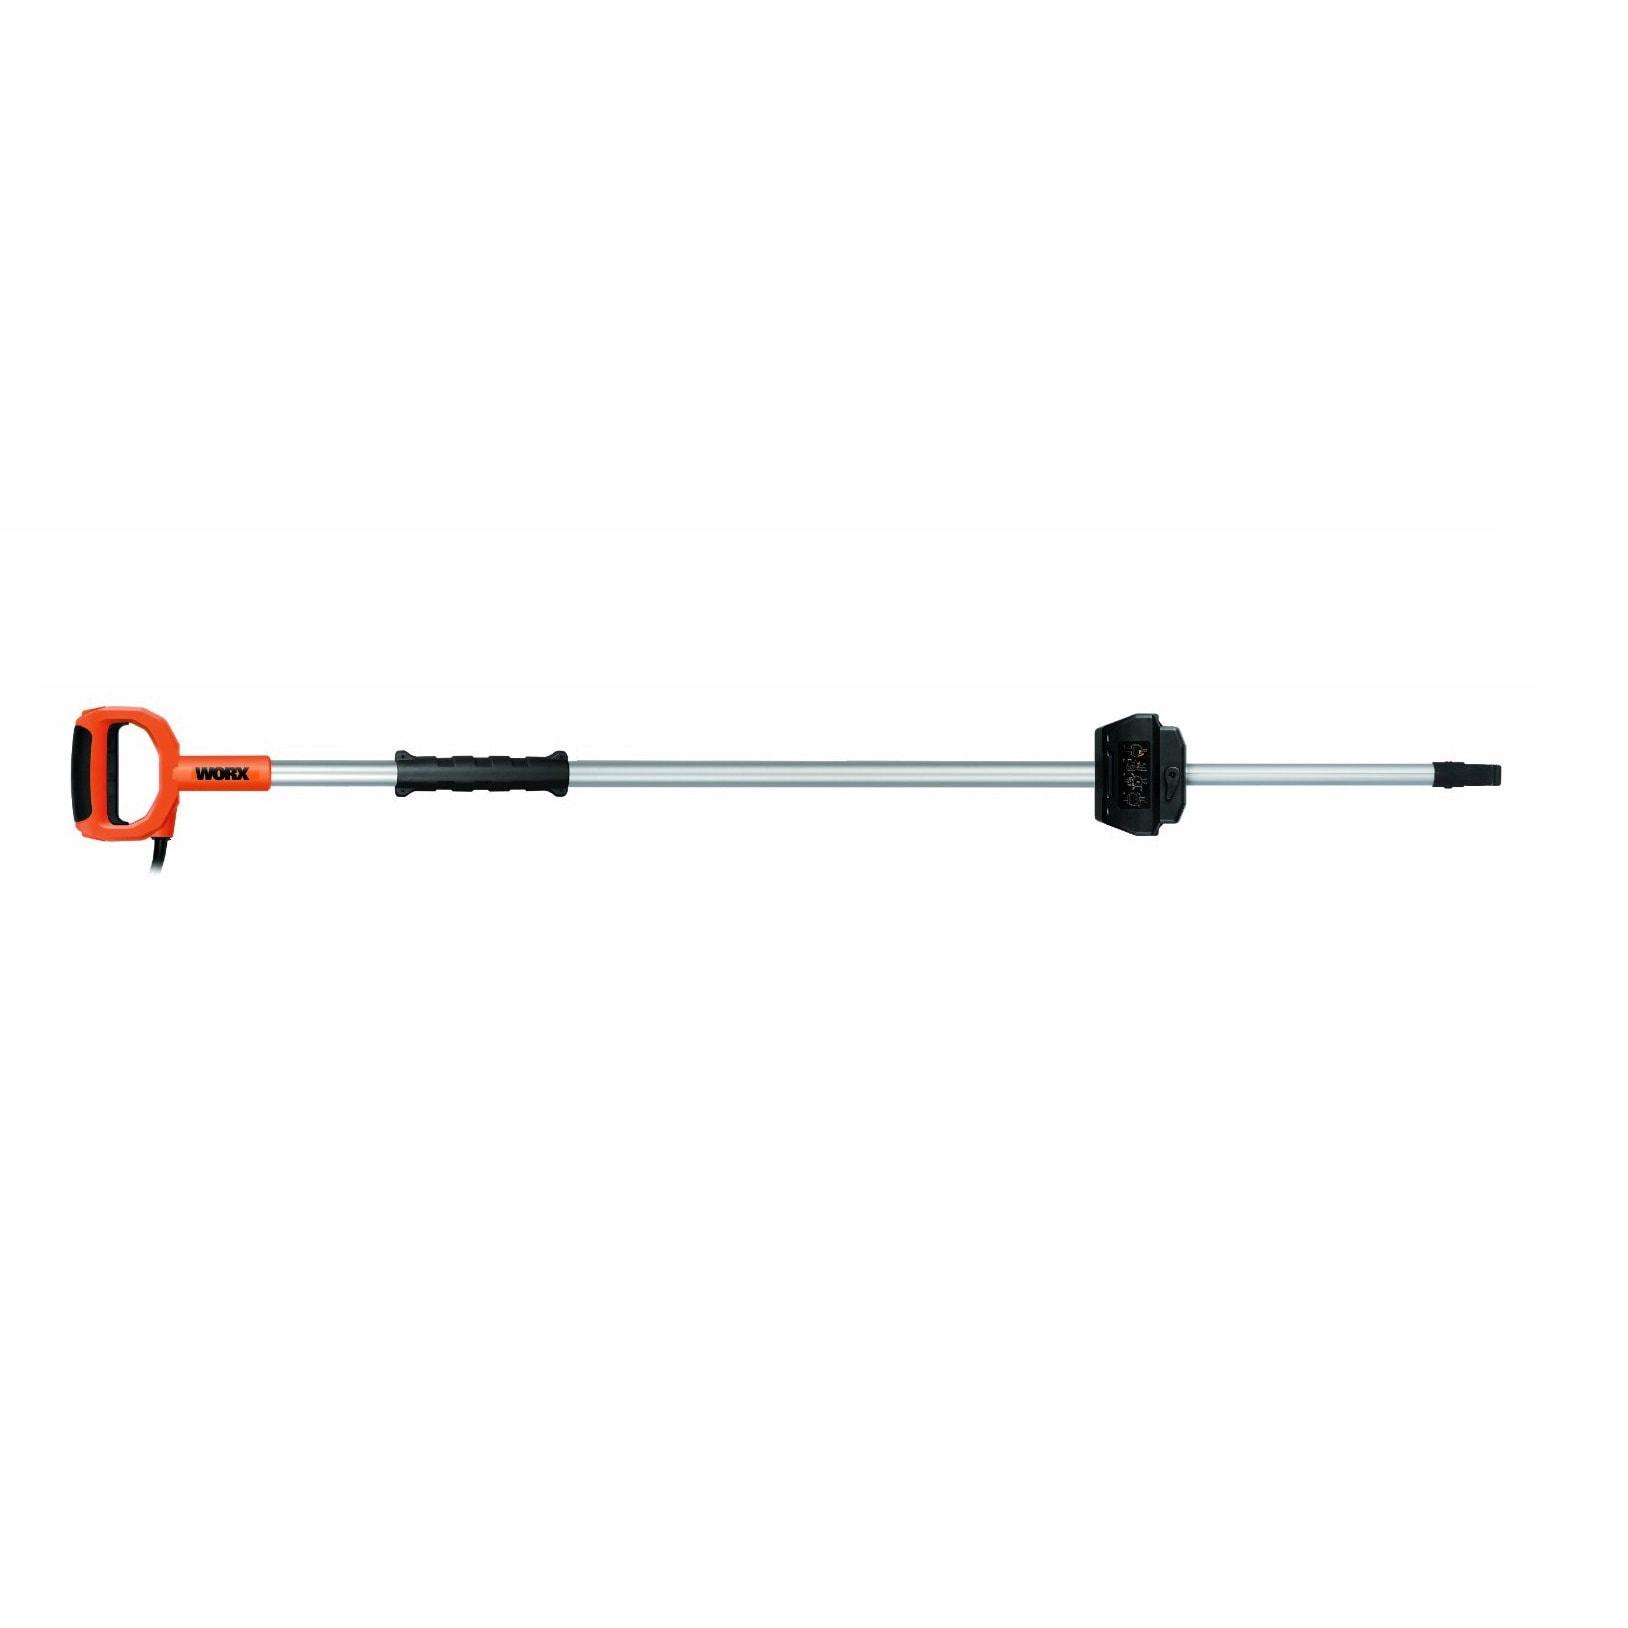 Positec Worx Electric JawSaw Chain Saw, Grey metal